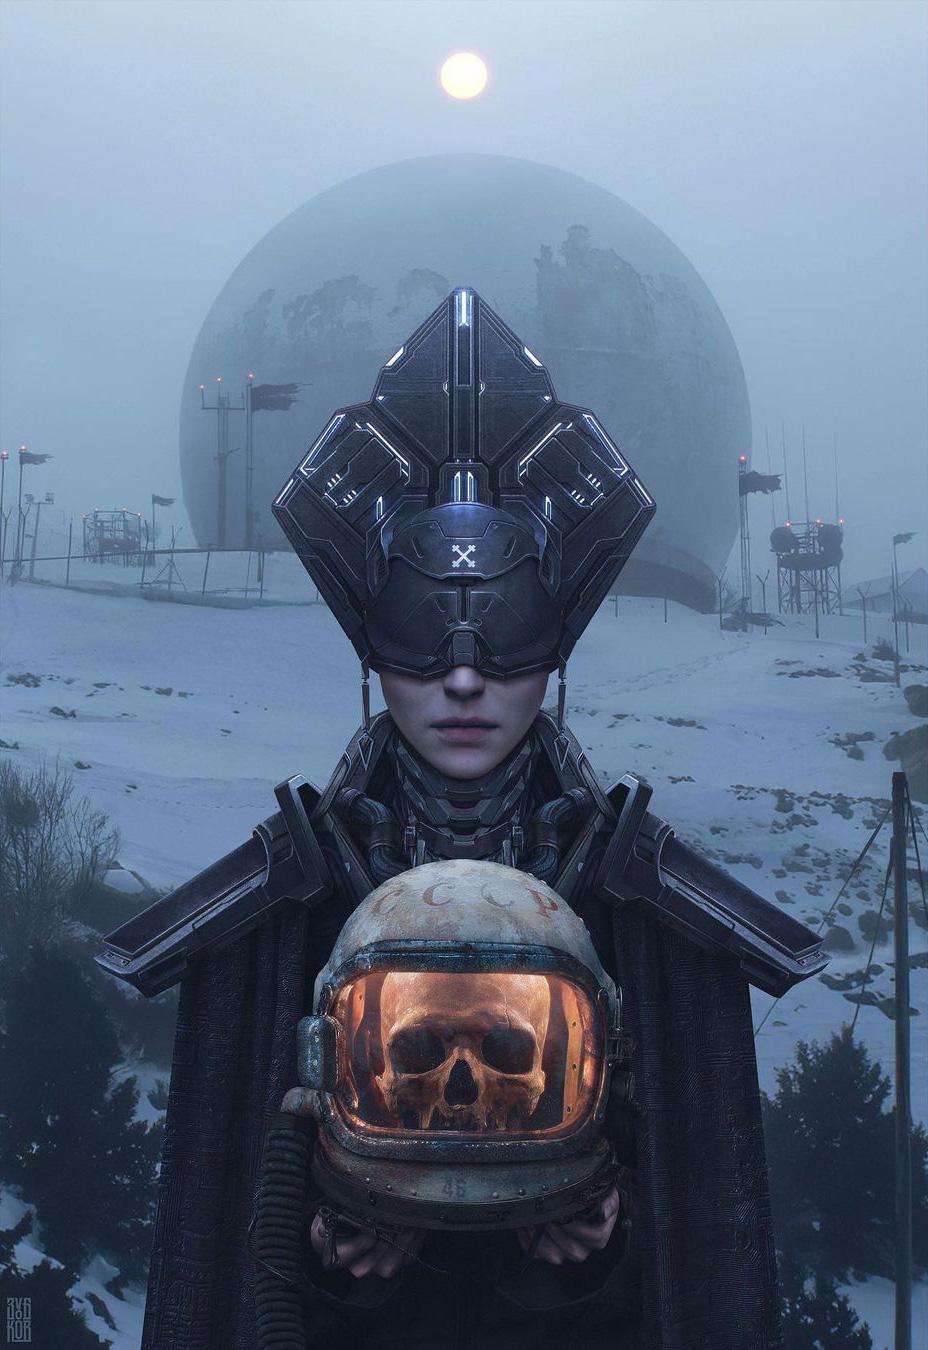 Mara by Evgeny Zubkov.